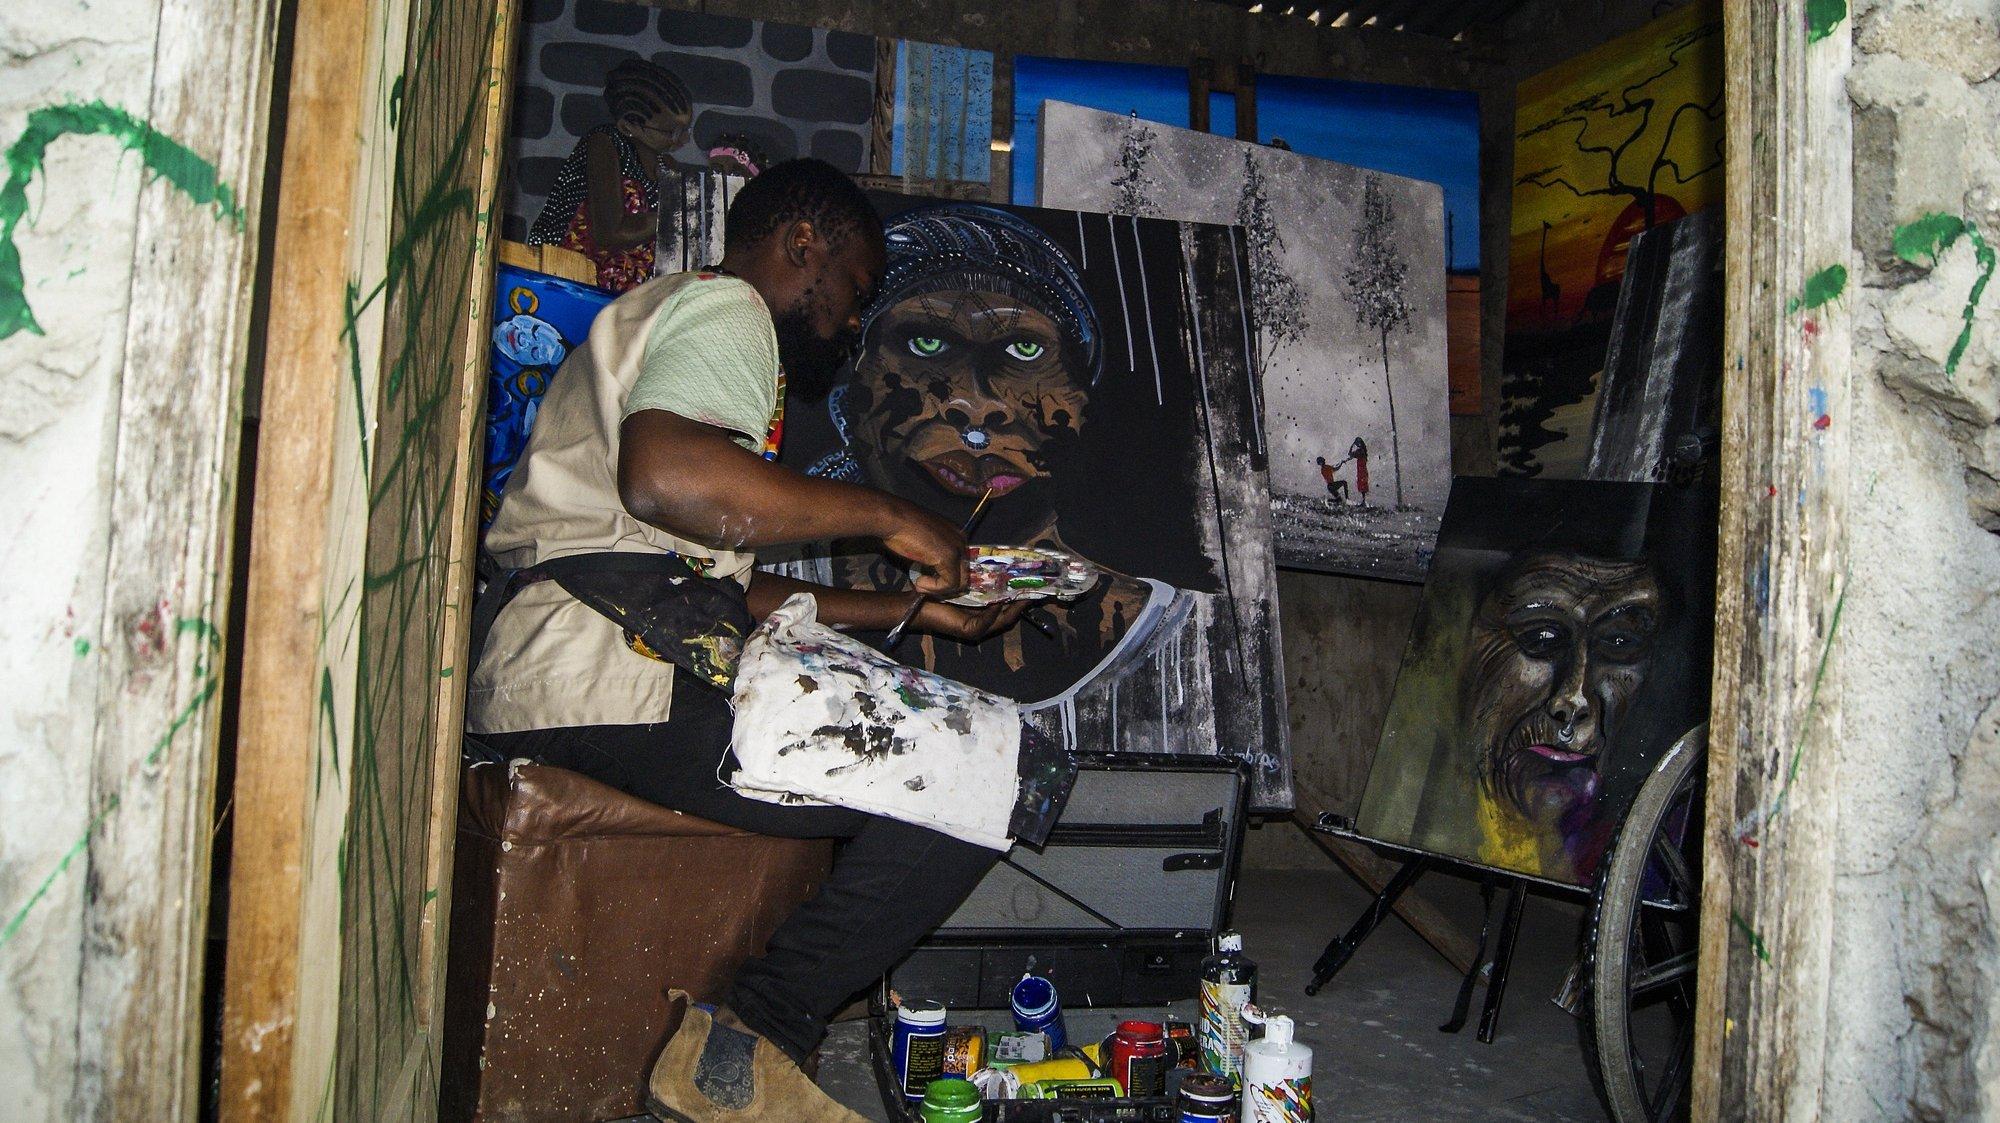 """O pintor Simbraz Roberto, 29 anos, percorre diariamente seis quilómetros até uma das principais avenidas da capital moçambicana para vender os seus quadros, uma estratégia que abraçou para """"reinventar-se"""" face à crise resultante das restrições impostas pela pandemia, Maputo, Moçambique, 21 de julho de 2021 (ACOMPANHA TEXTO DE 22 DE JULHO DE 2021). LUÍSA NHANTUMBO/LUSA"""